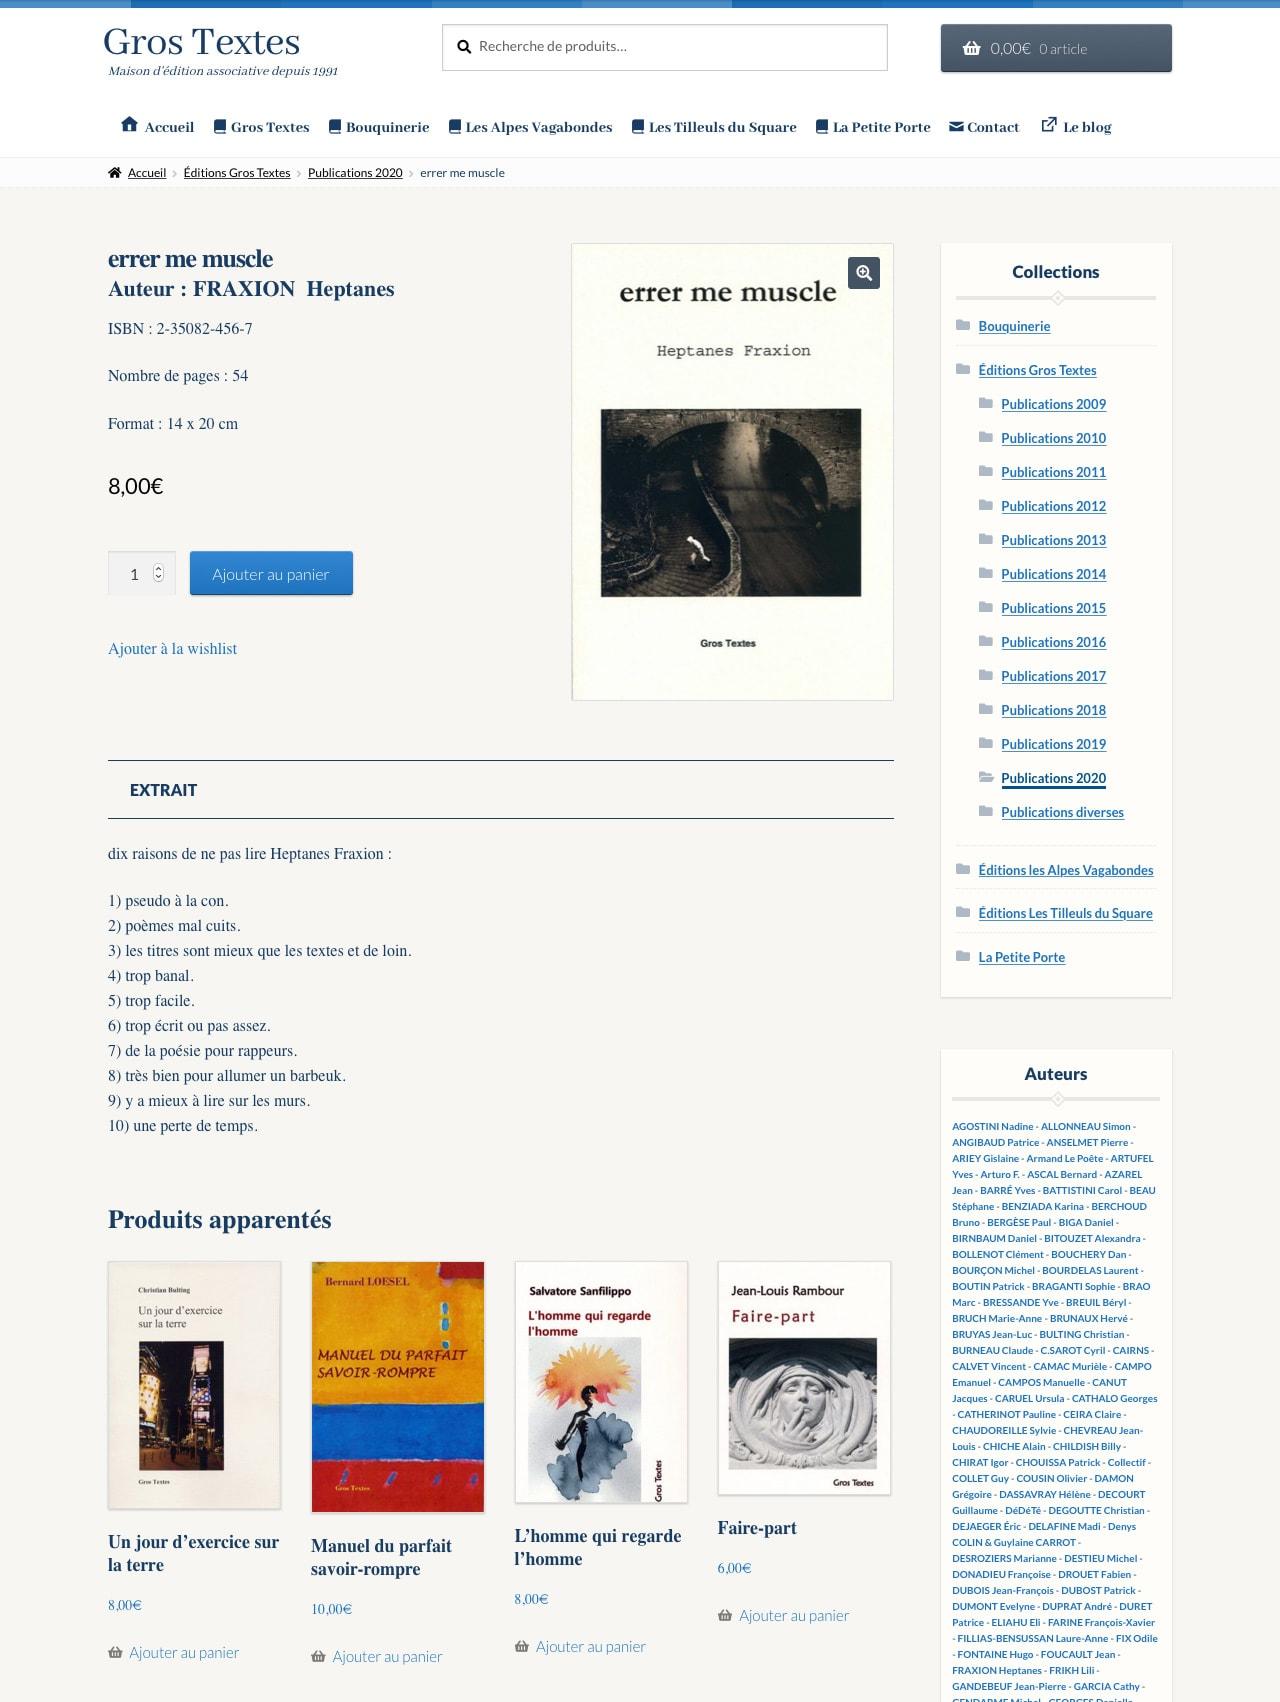 """Page du livre """"errer me muscle"""" du site des Éditions Gros Textes"""